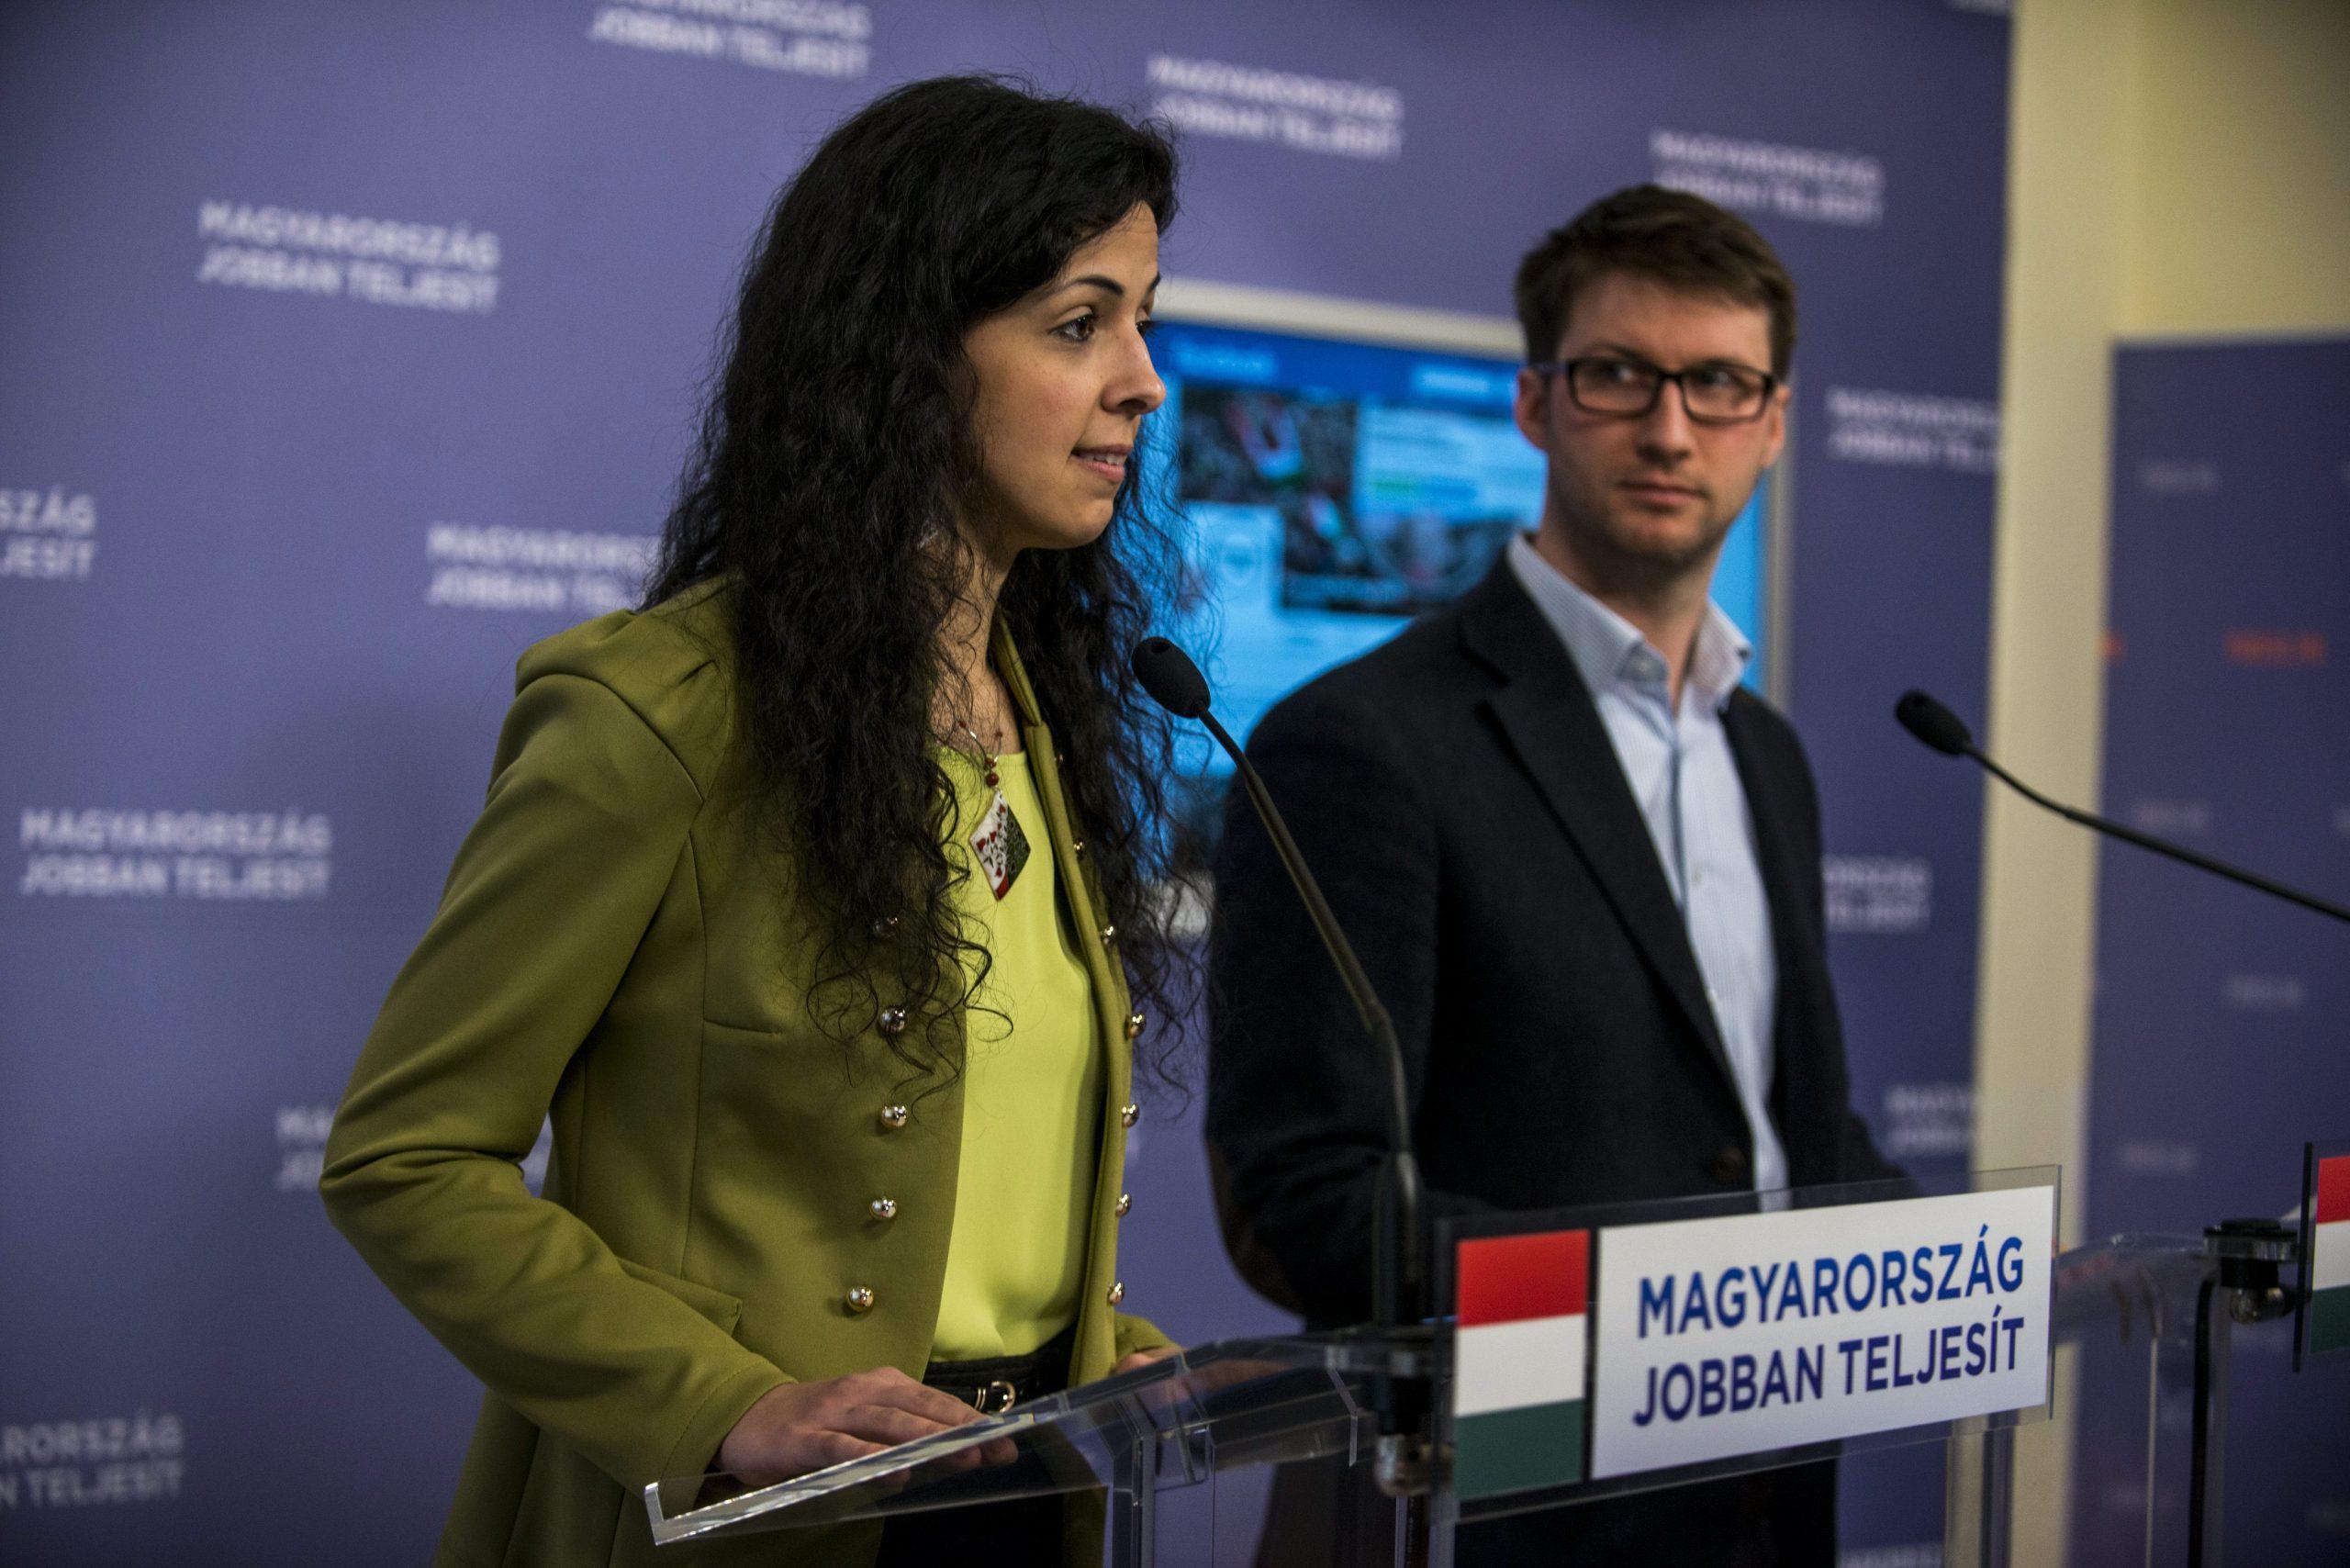 Fidesz Nominates Daughter of Deceased MP as His Successor